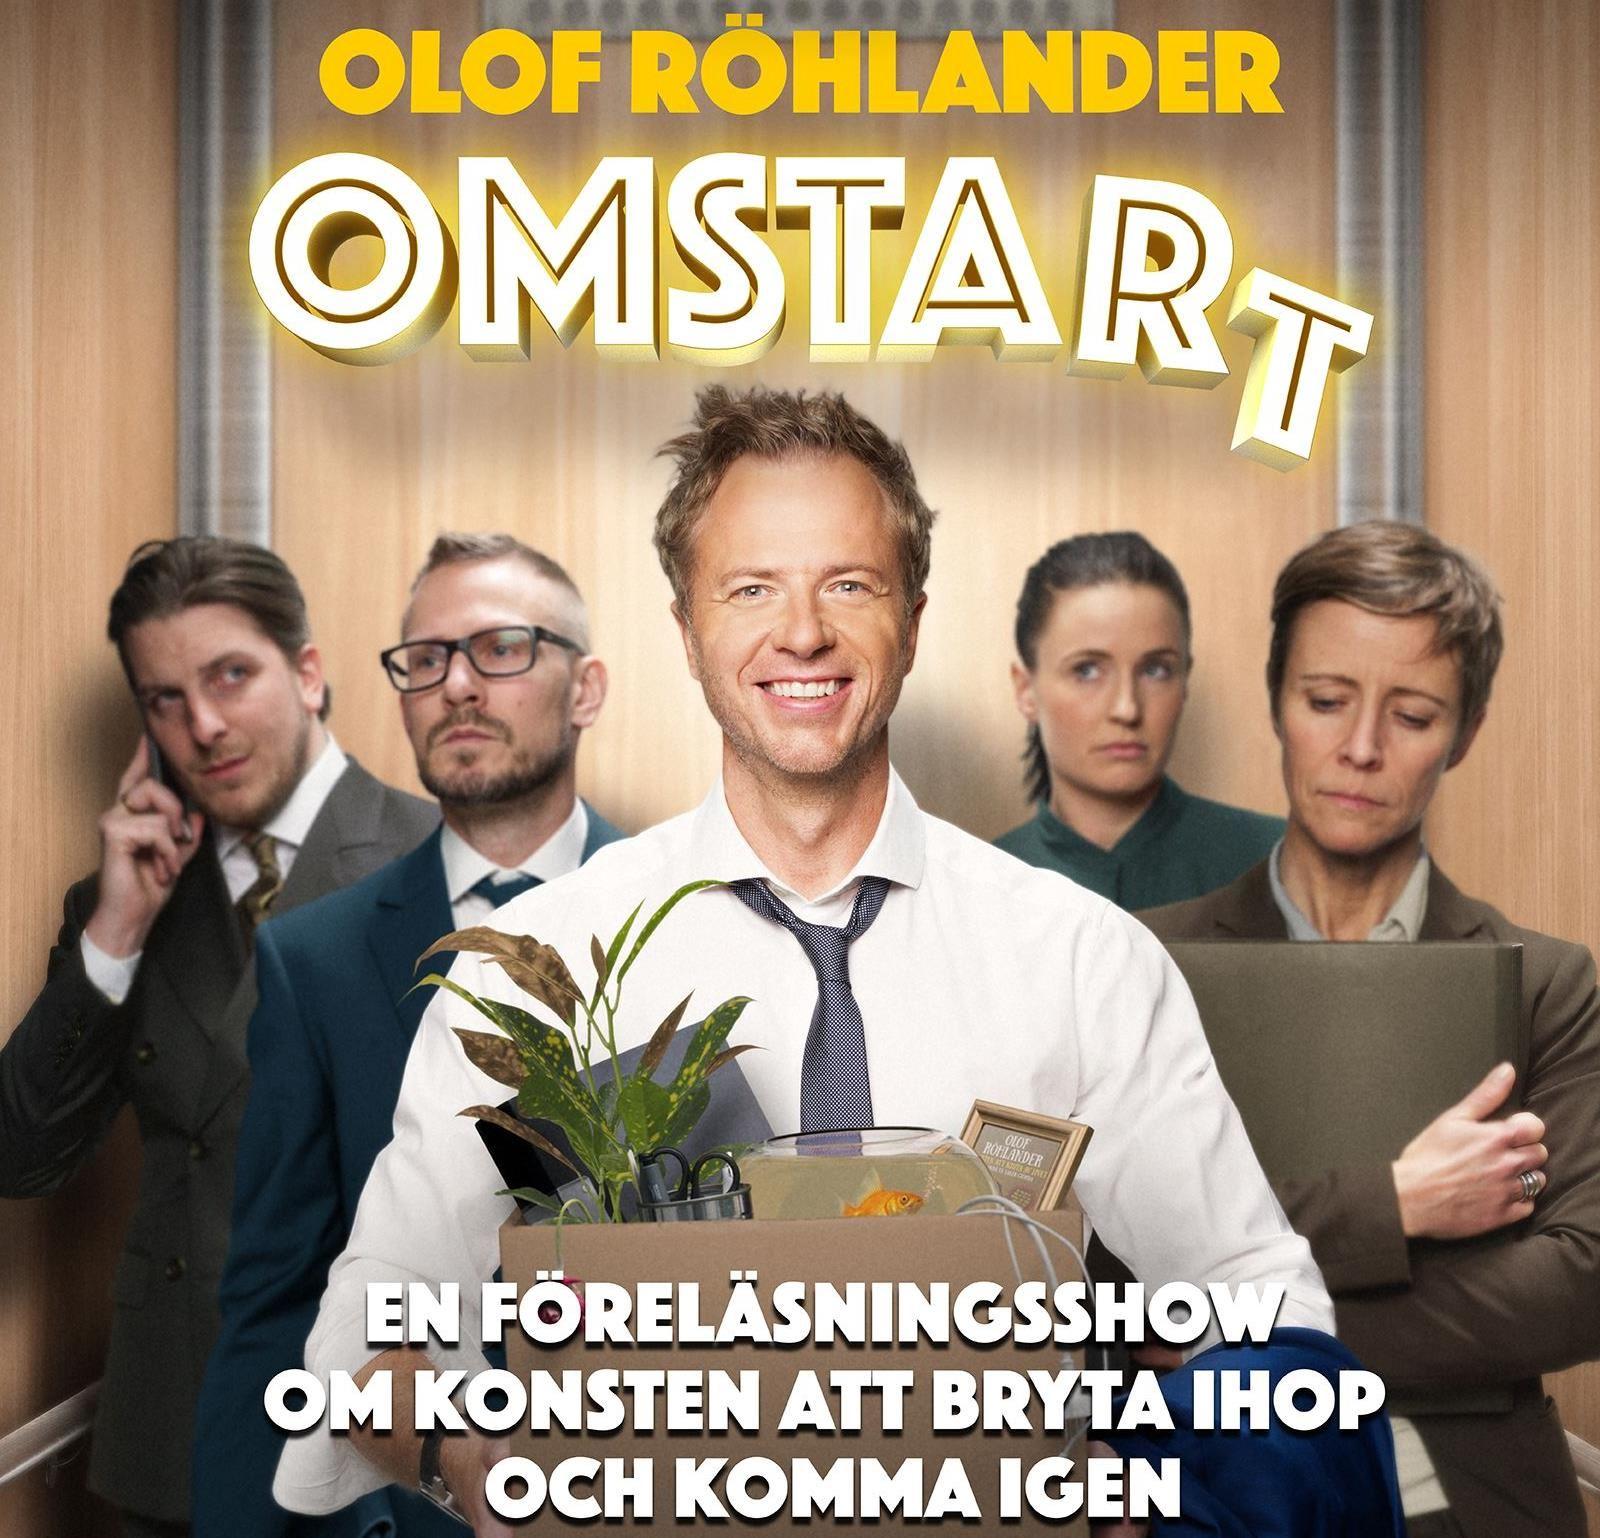 Föredrag: Olof Röhlander - Omstart